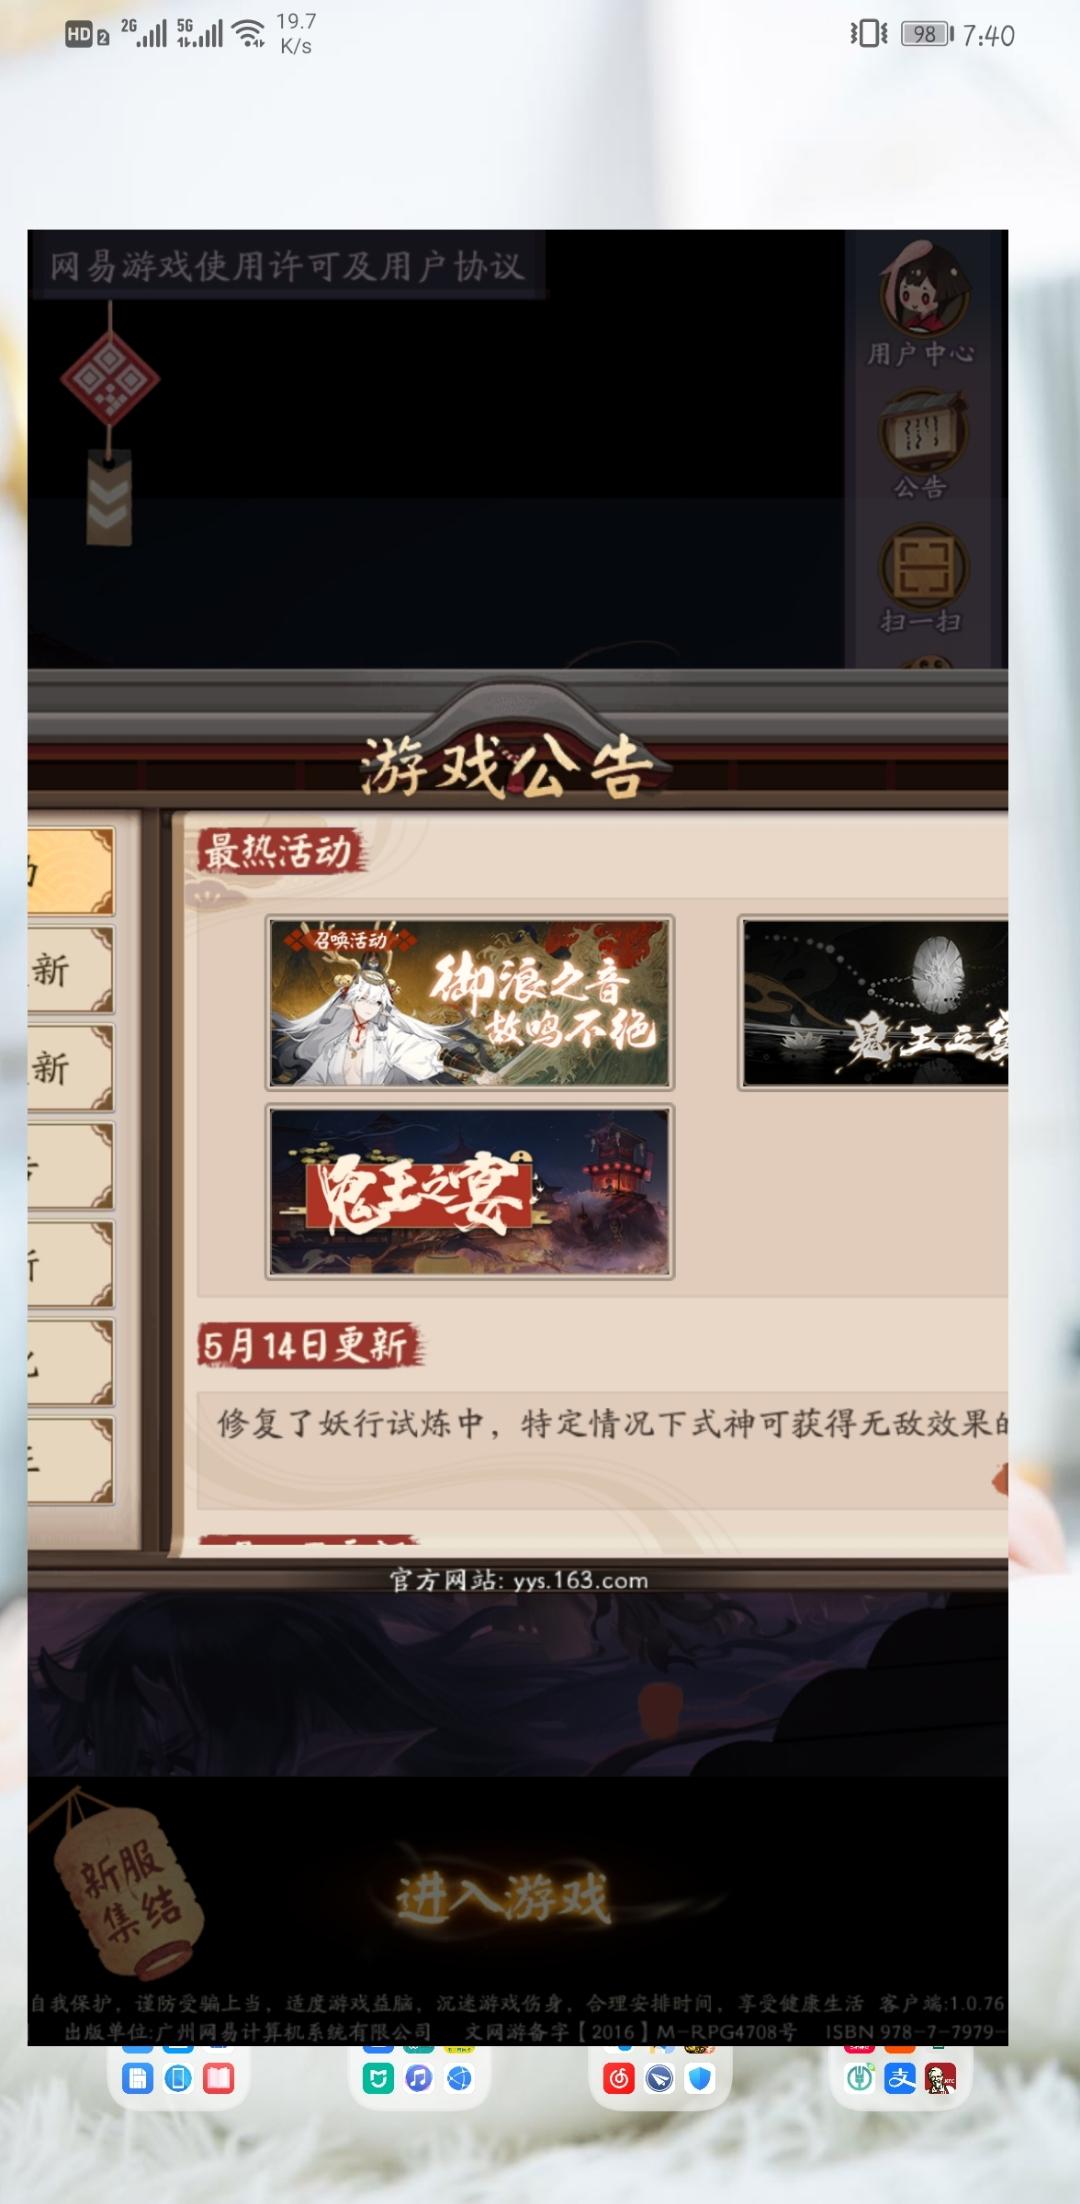 Screenshot_20200516_074016_com.netease.onmyoji.jpg